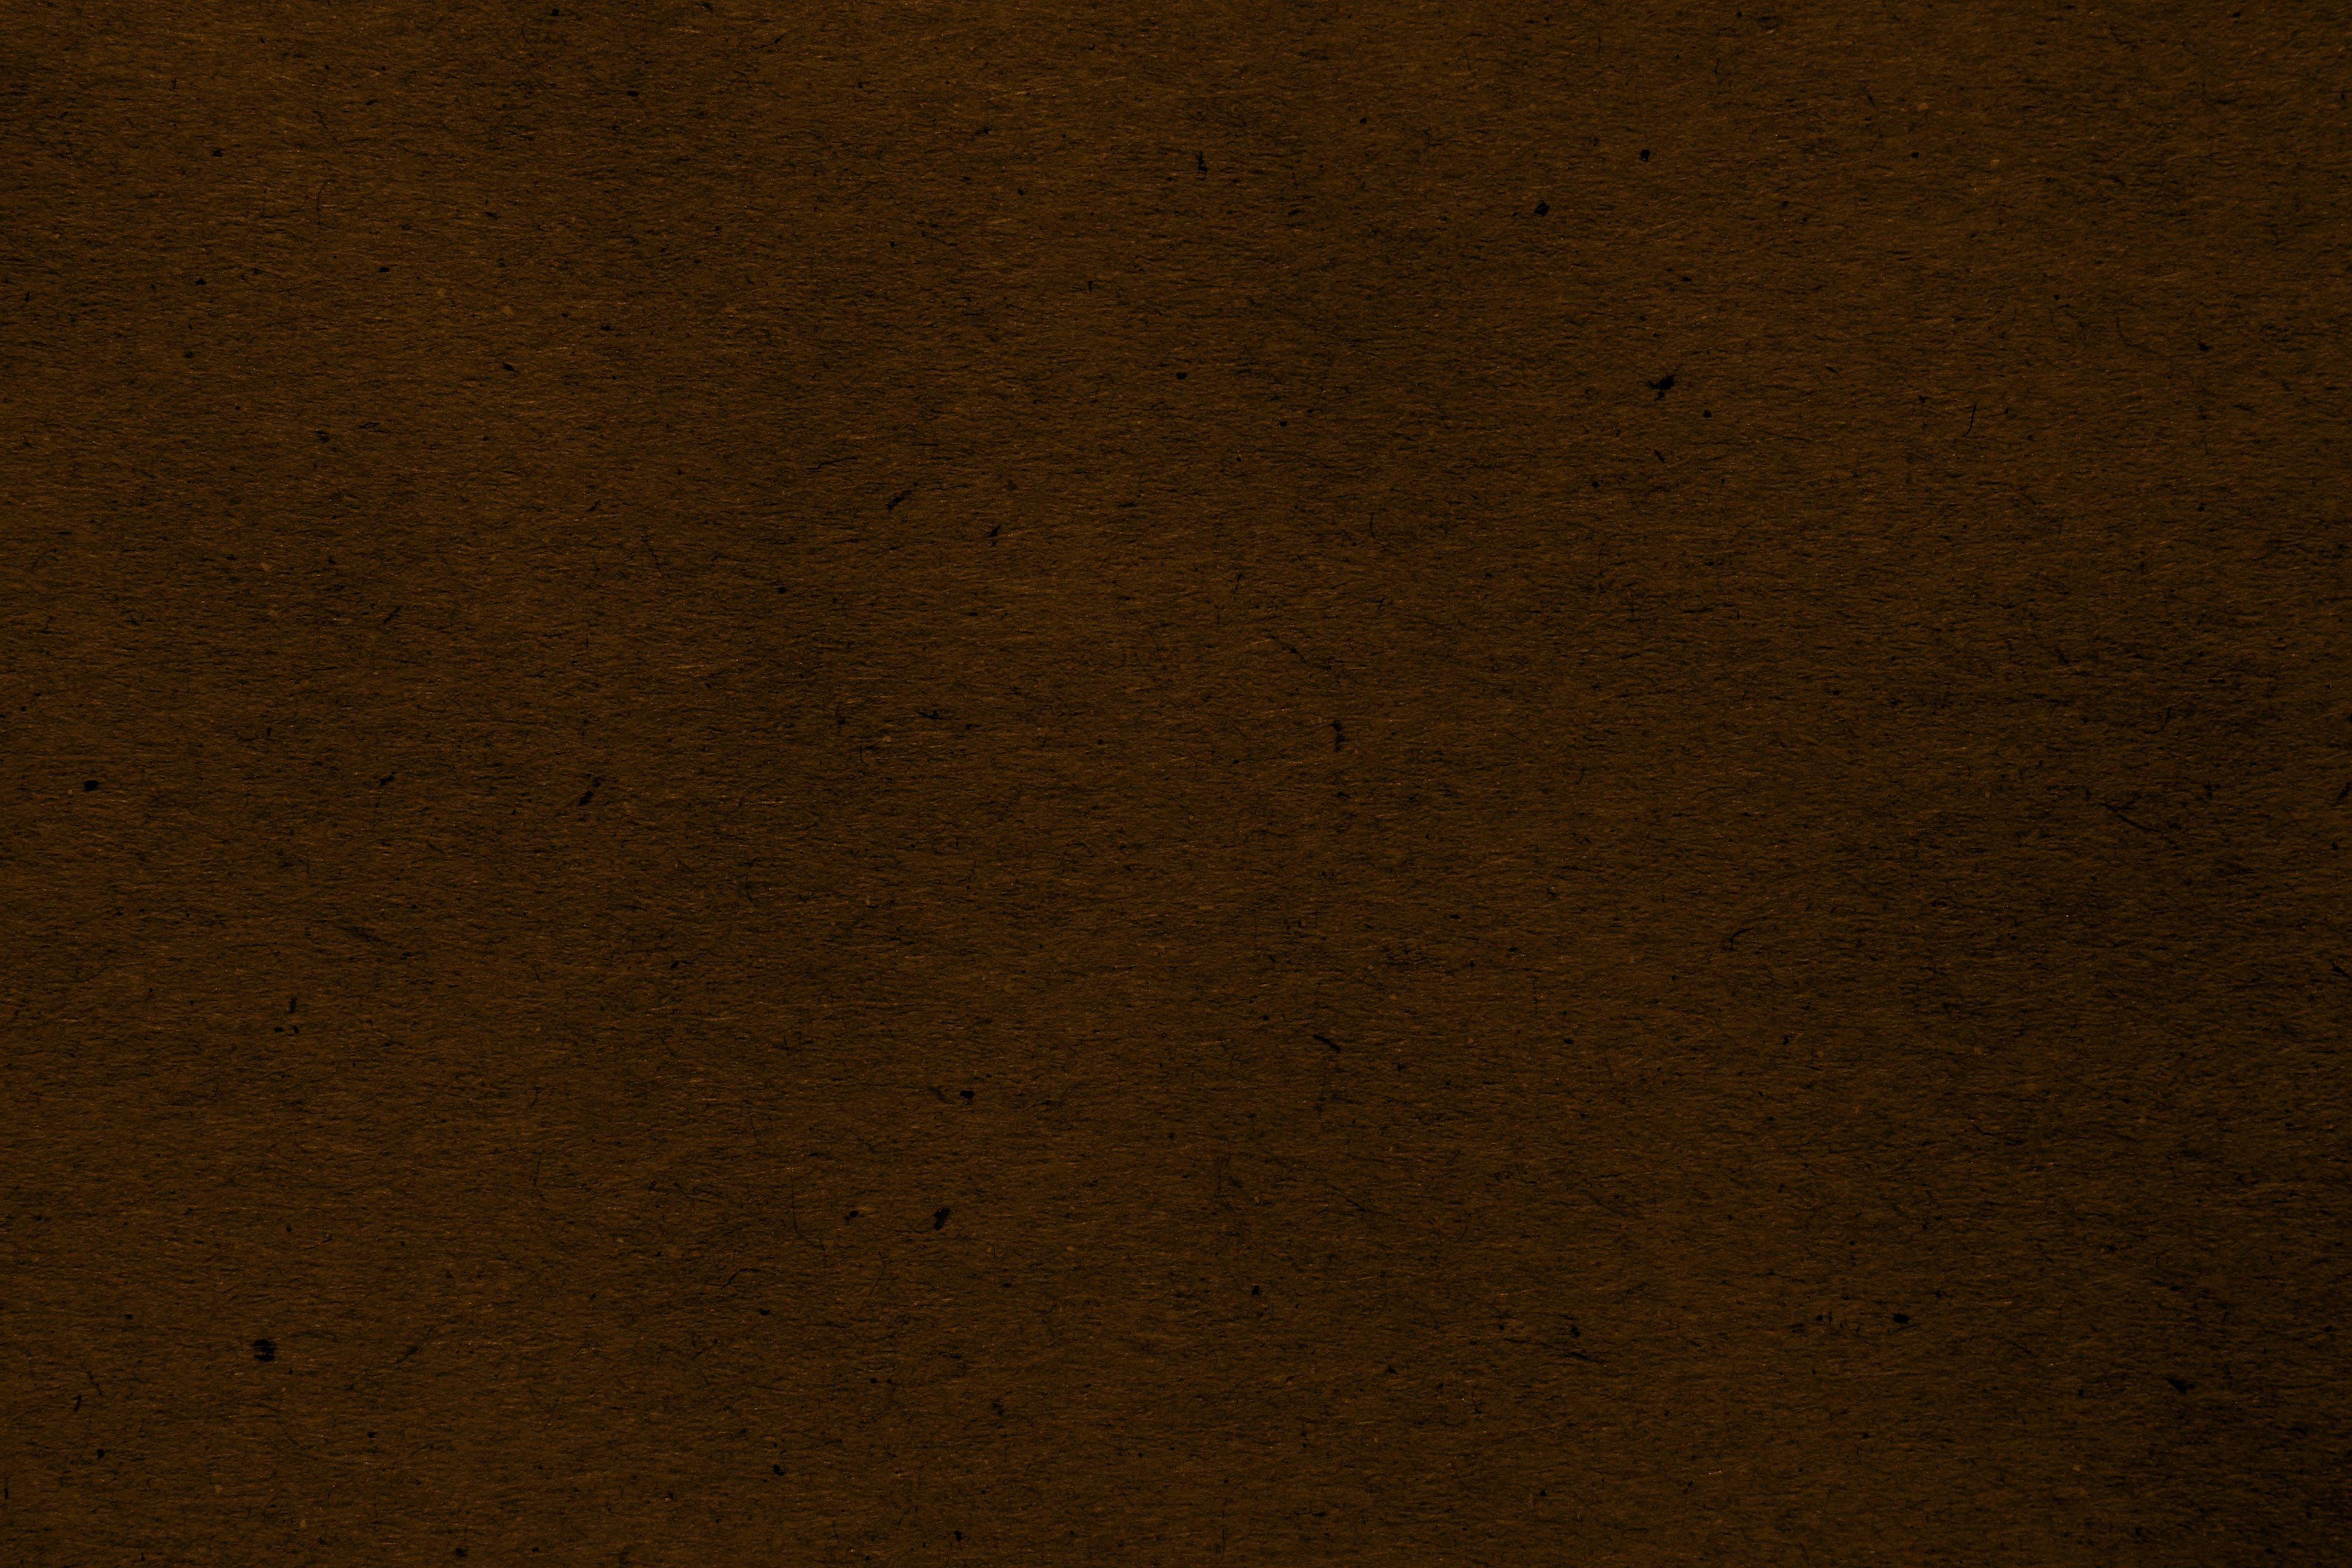 Chocolate Brown Wallpaper 16 Hd Wallpaper   Hivewallpapercom 3888x2592